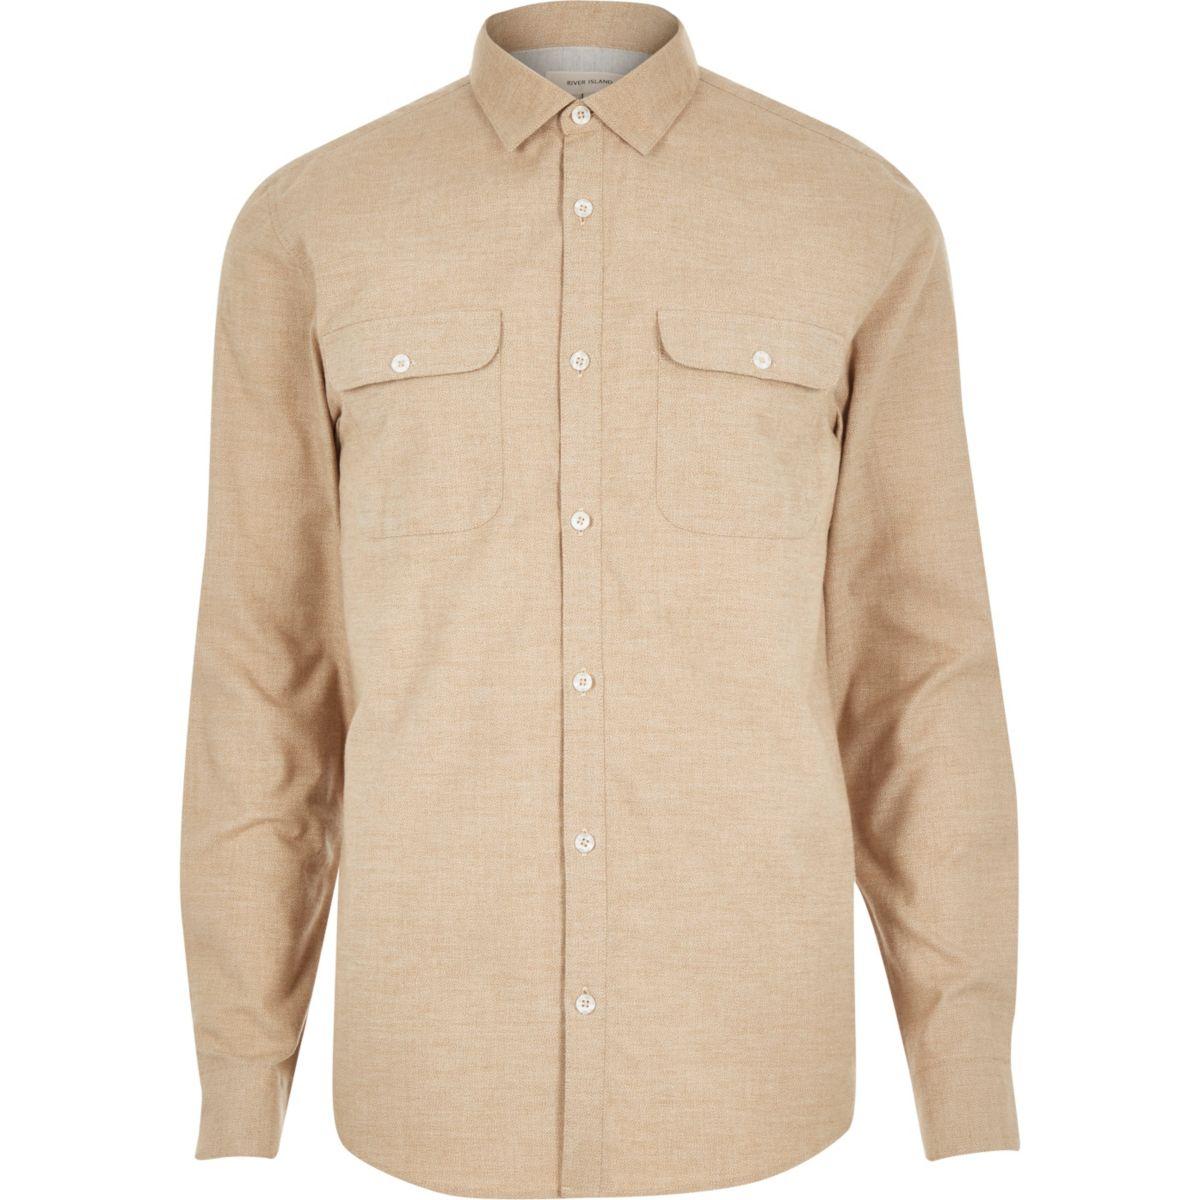 Dark beige brushed flannel two pocket shirt